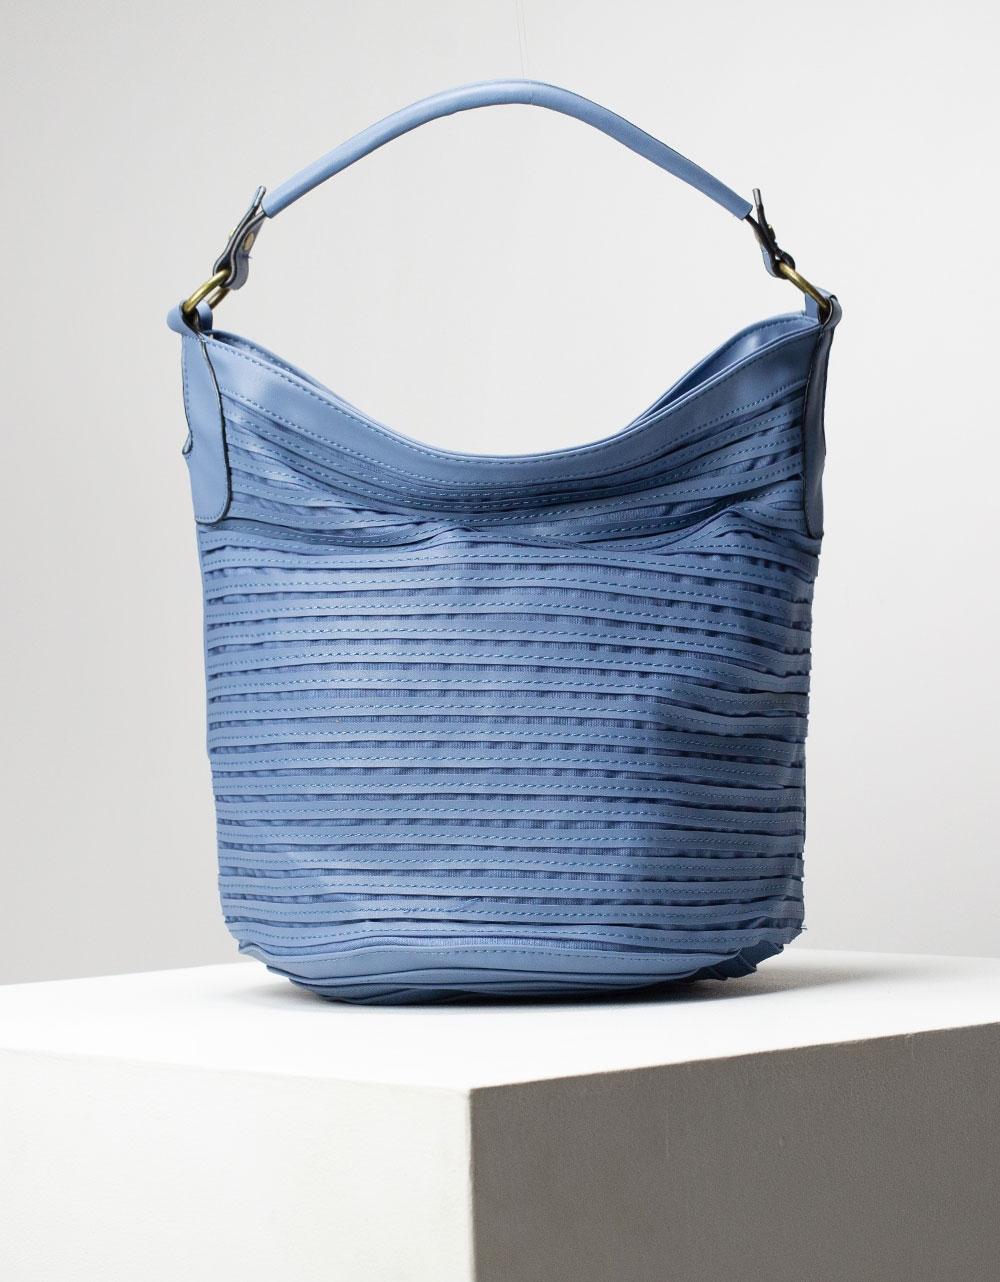 Εικόνα από Γυναικεία τσάντα ώμου & χιαστί με ανάγλυφες λεπτομέρειες Navy